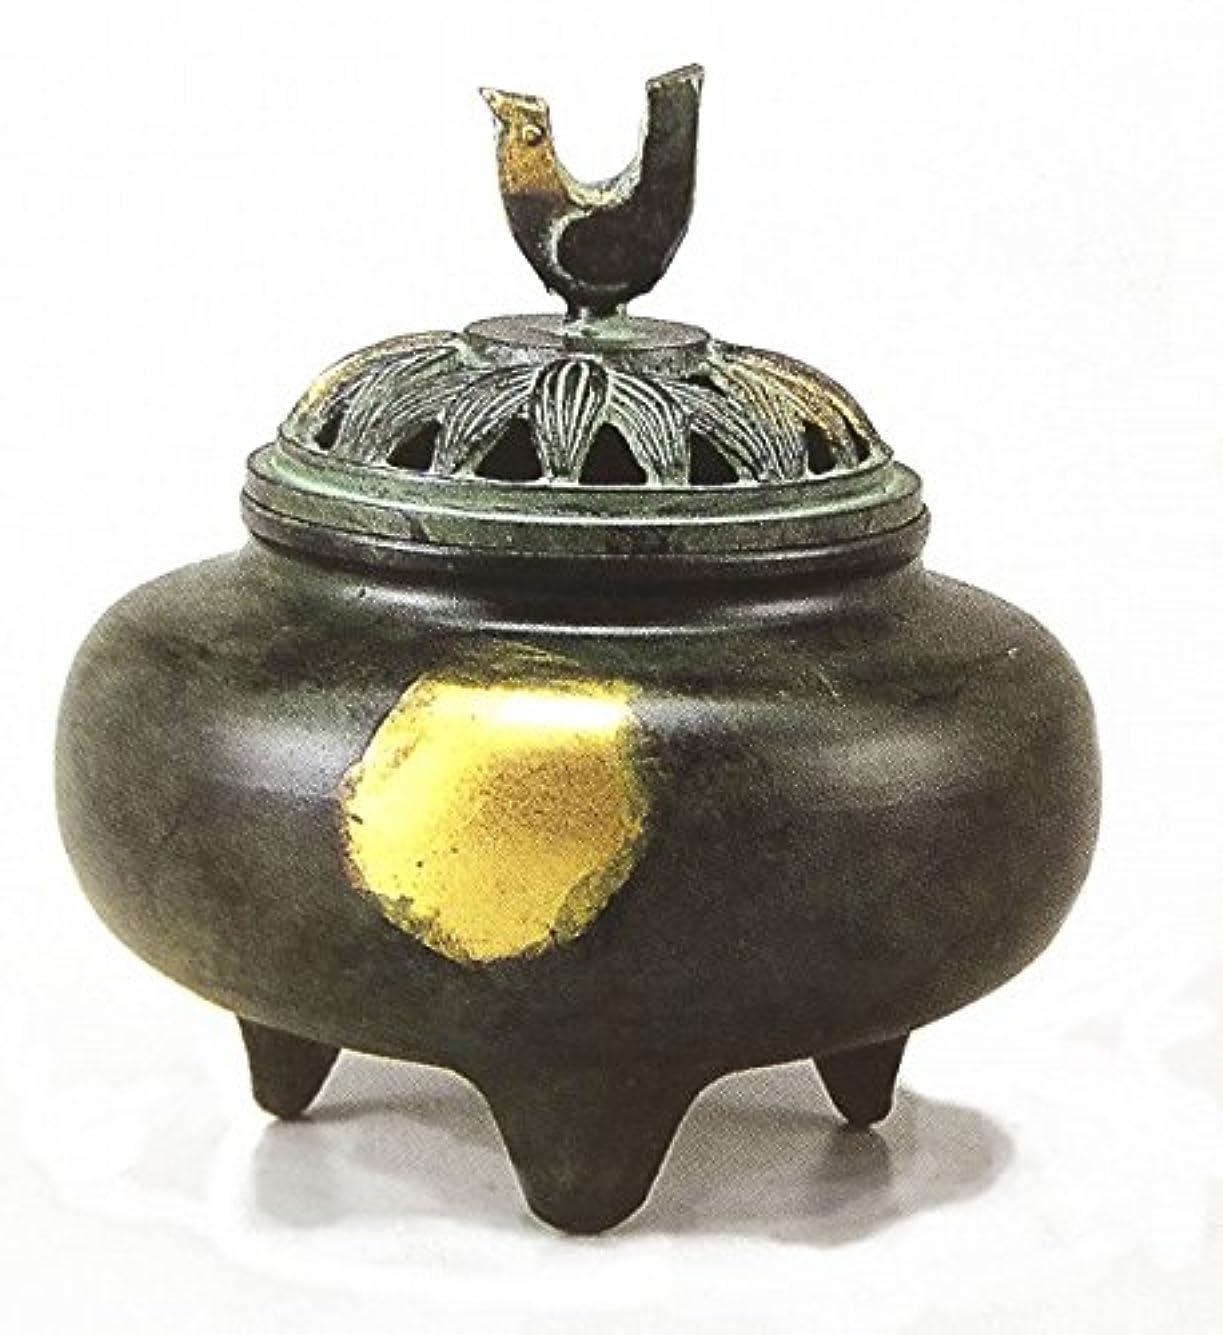 脇にアクセント科学『珠玉型香炉』銅製